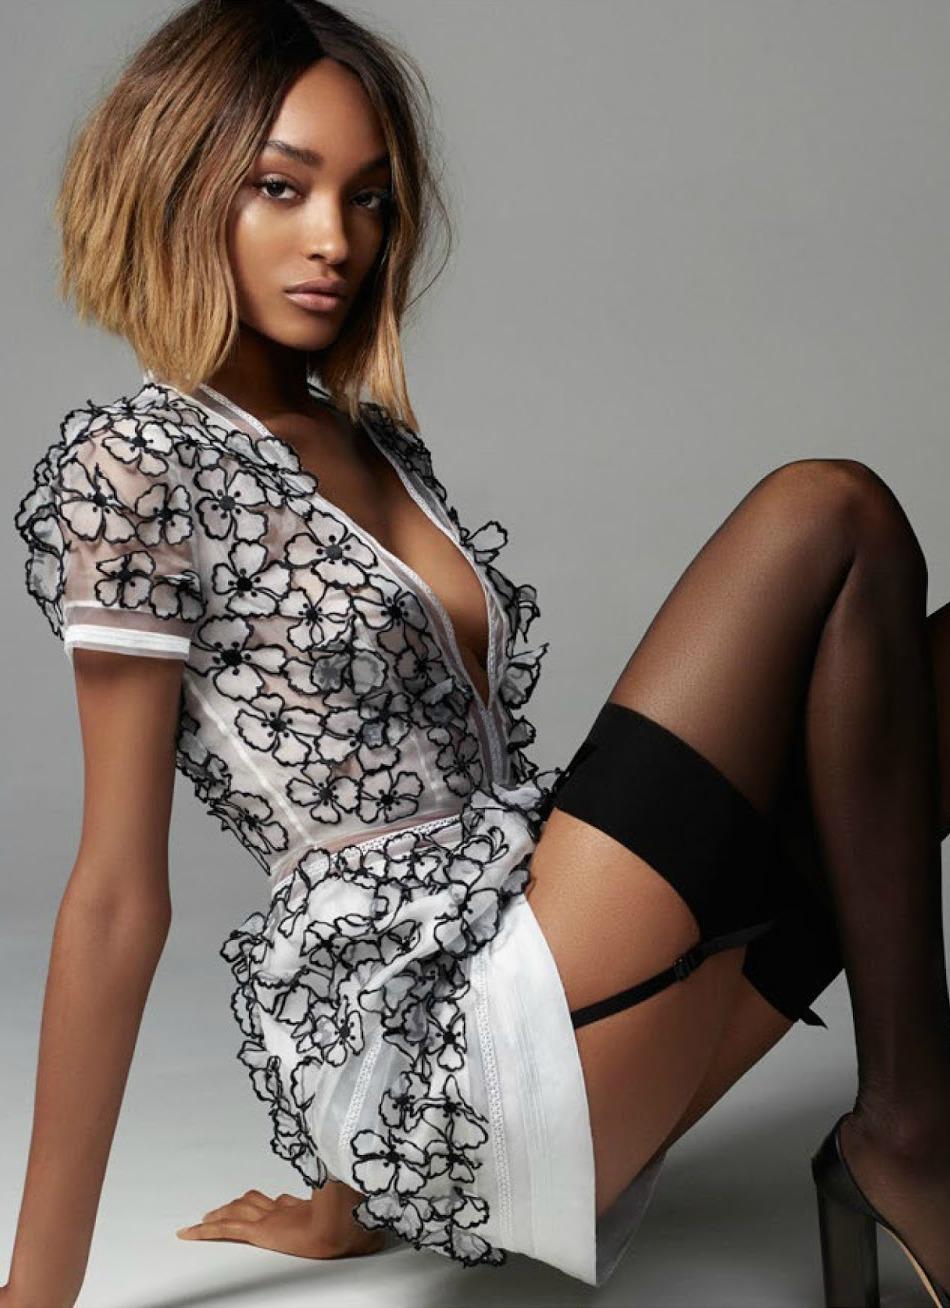 Vogue Turkey March 2015